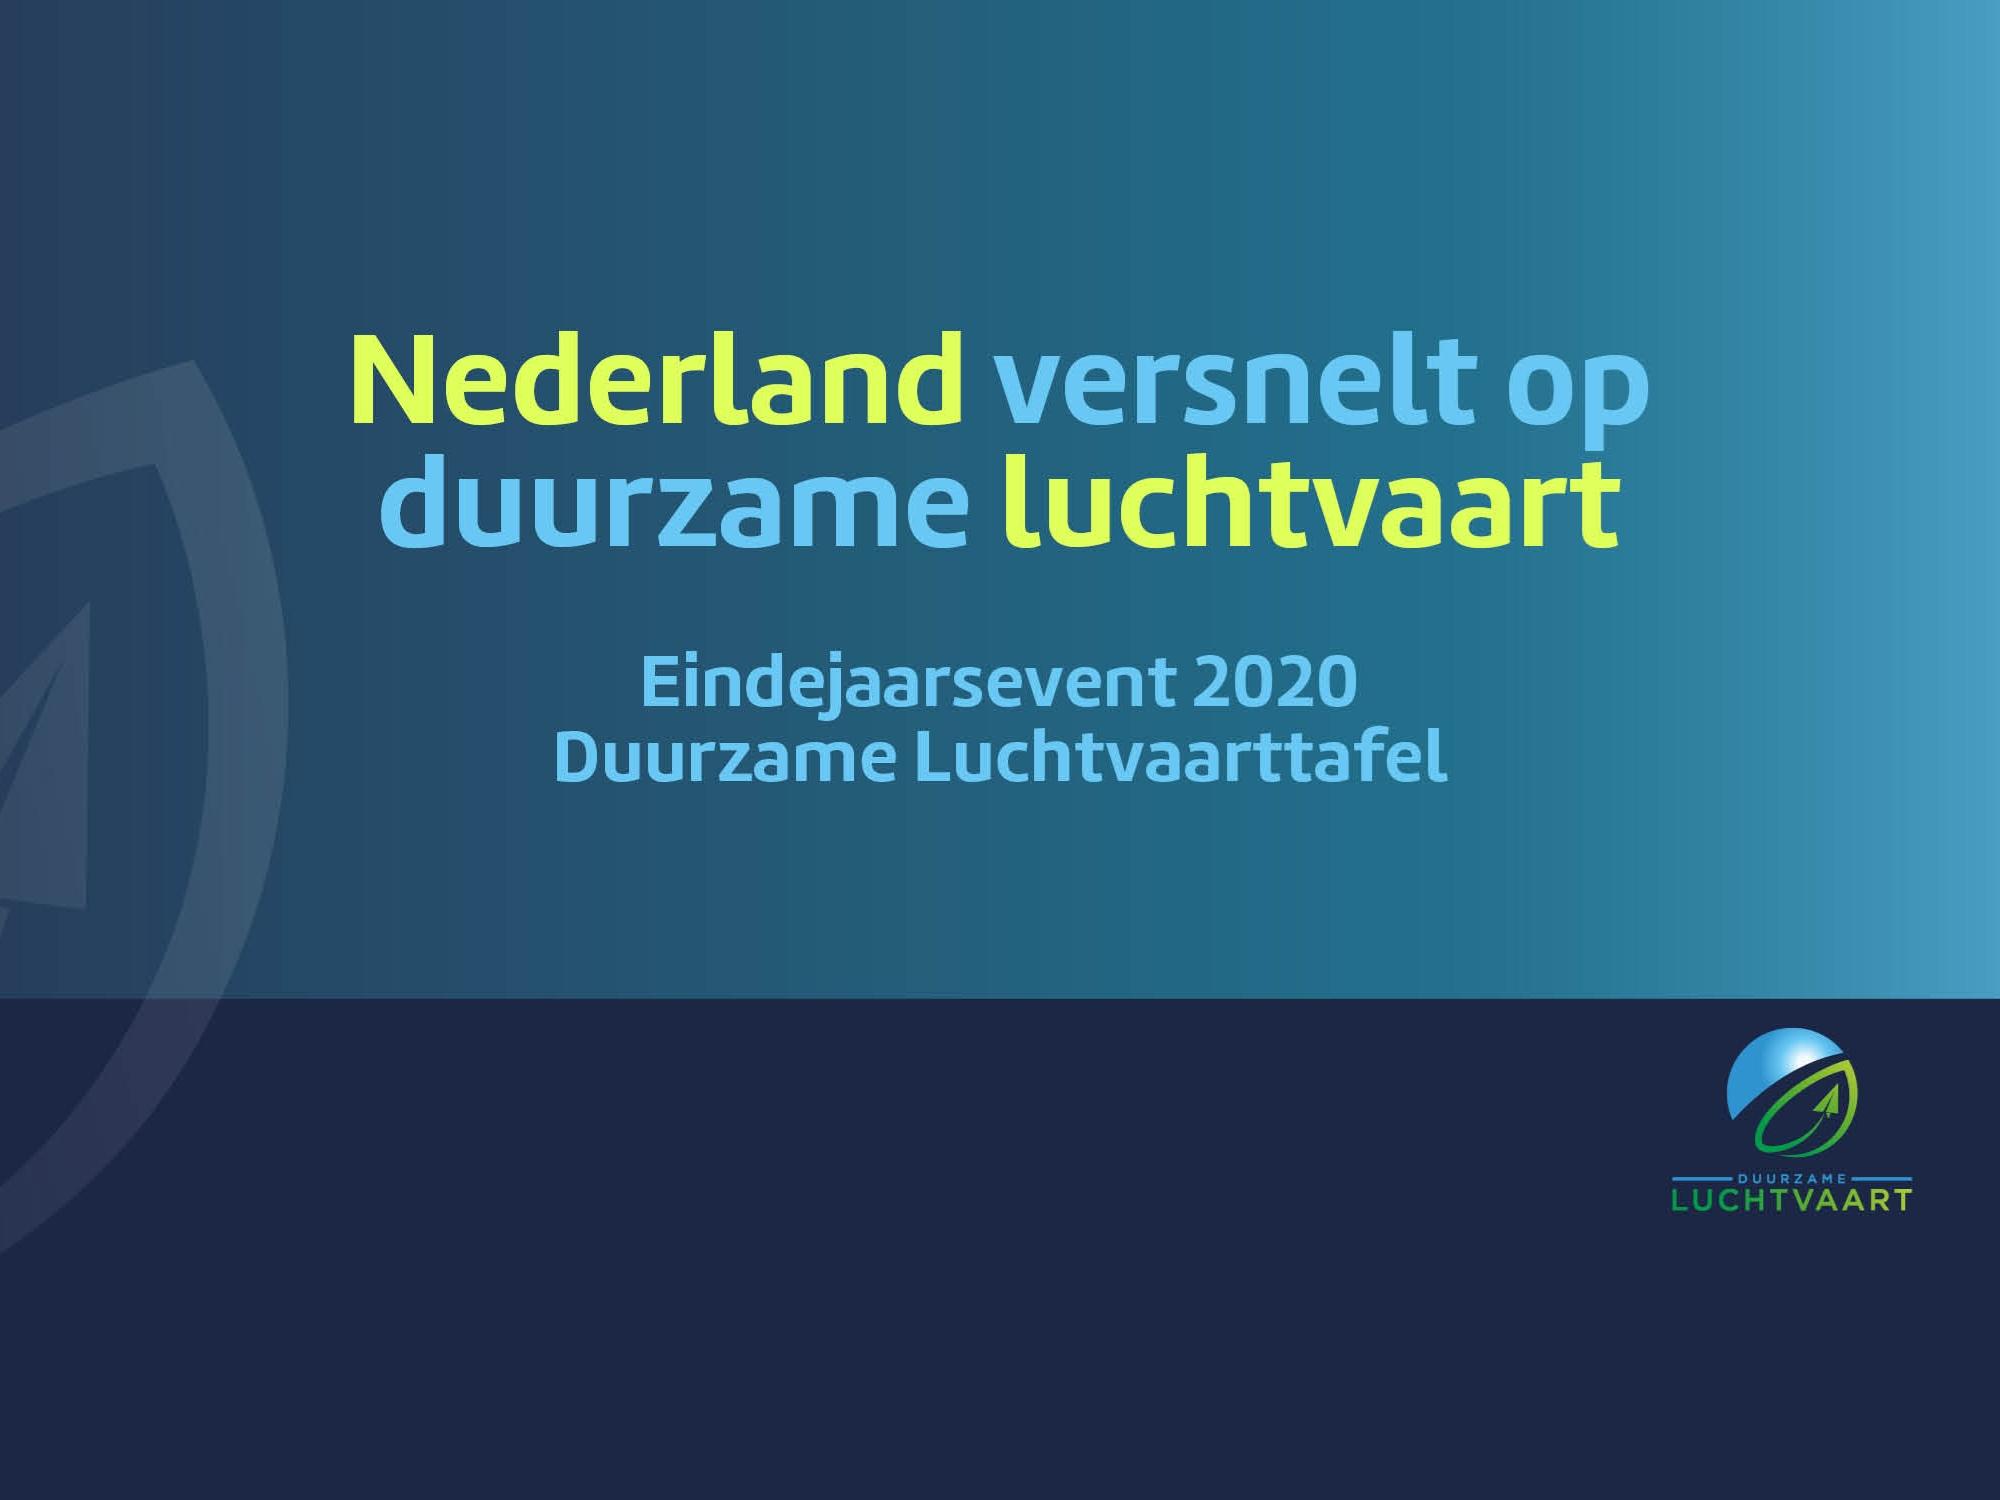 Eindejaarsevent webinar/film/presentaties 'Nederland versnelt op duurzame luchtvaart. Check jij in?'